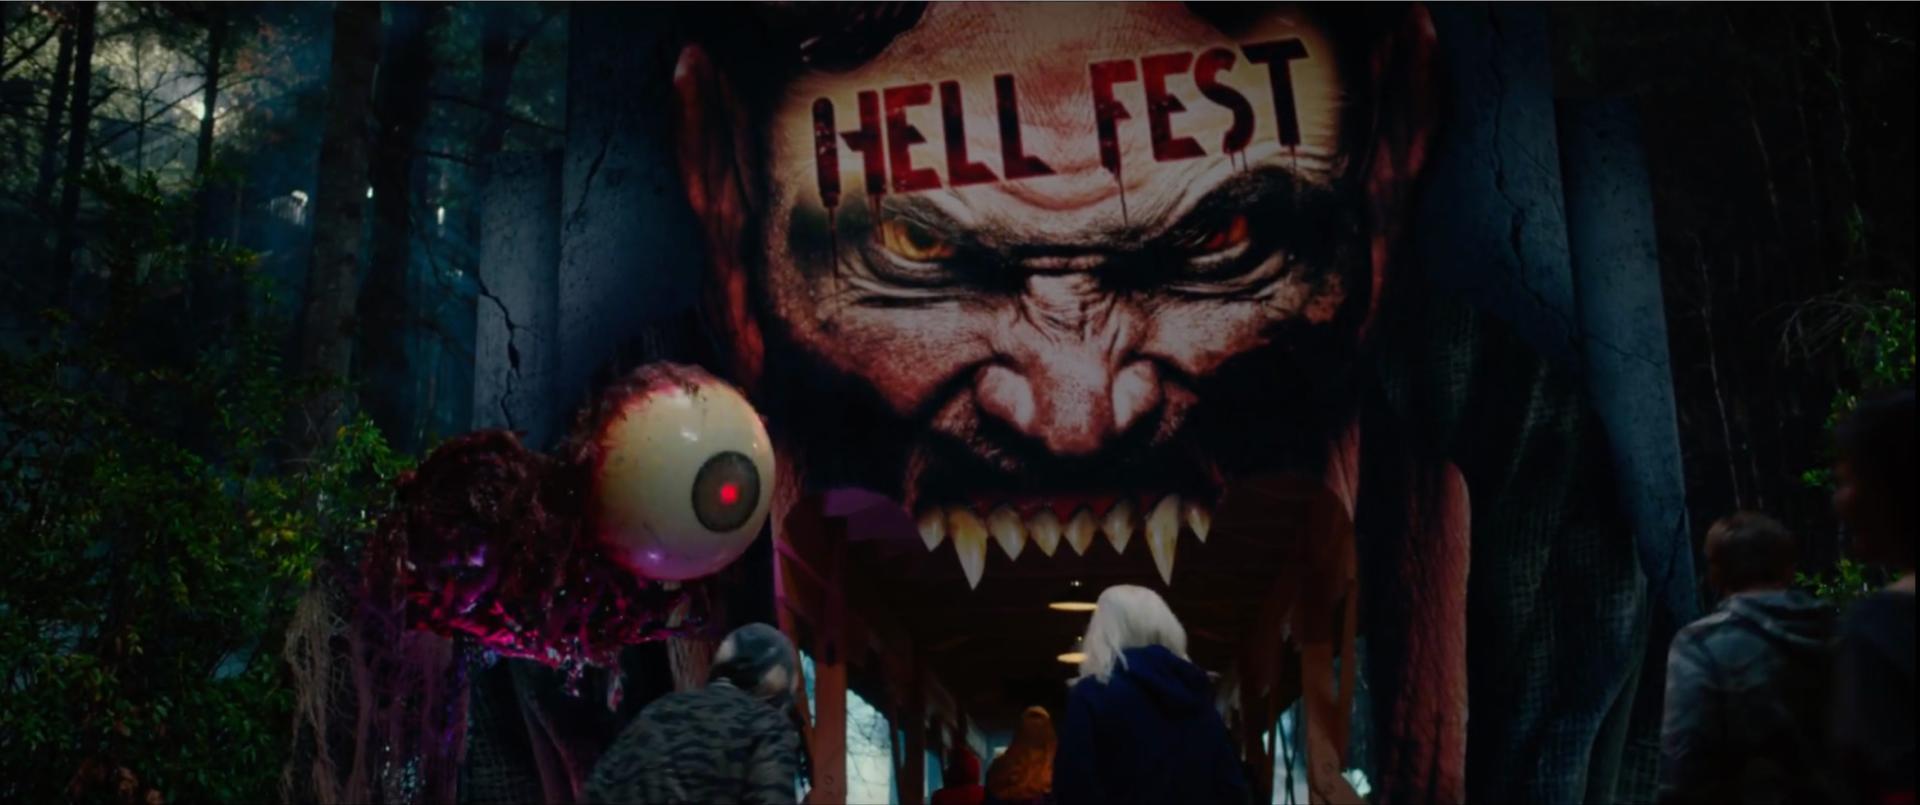 Hell Fest – Horror Park (2018)